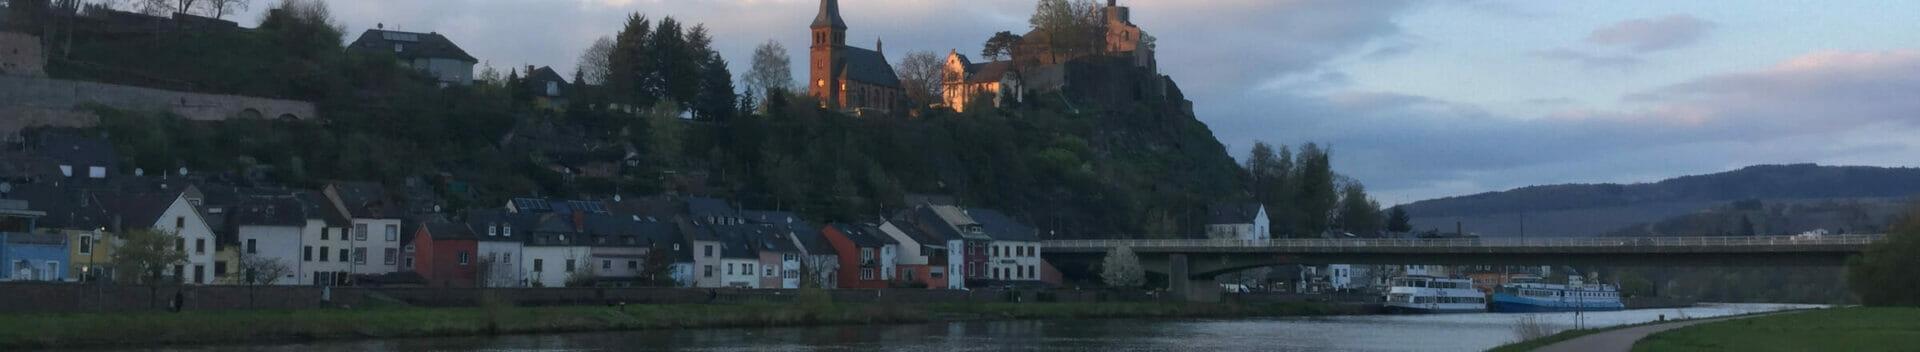 Saarburg am Saarradweg - Ausblick.